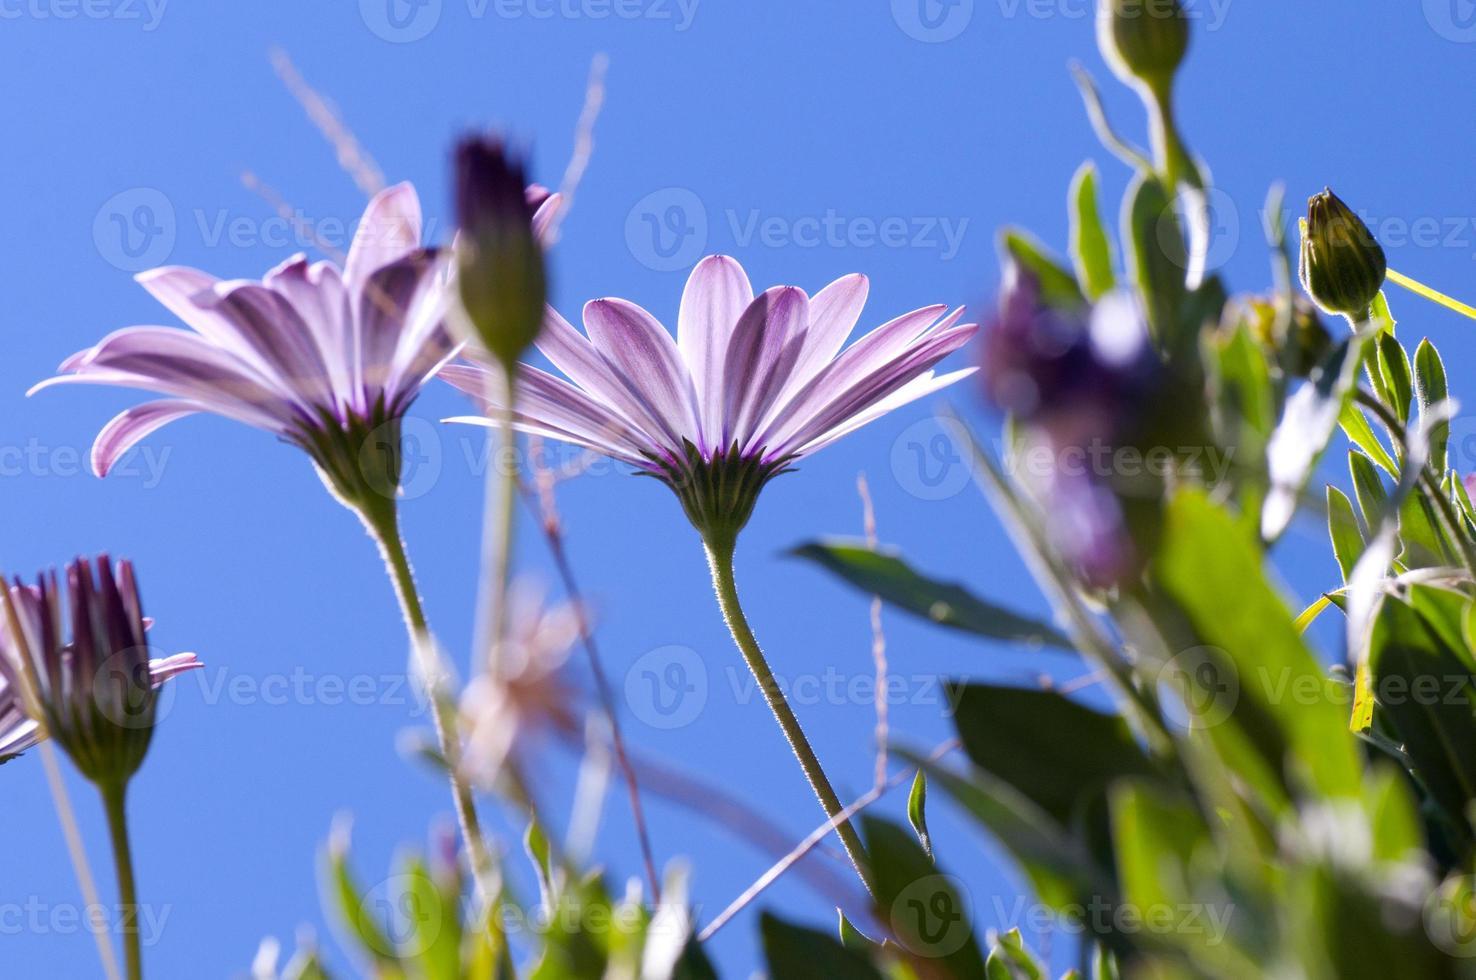 bunte Blume auf blauem Himmelhintergrund foto